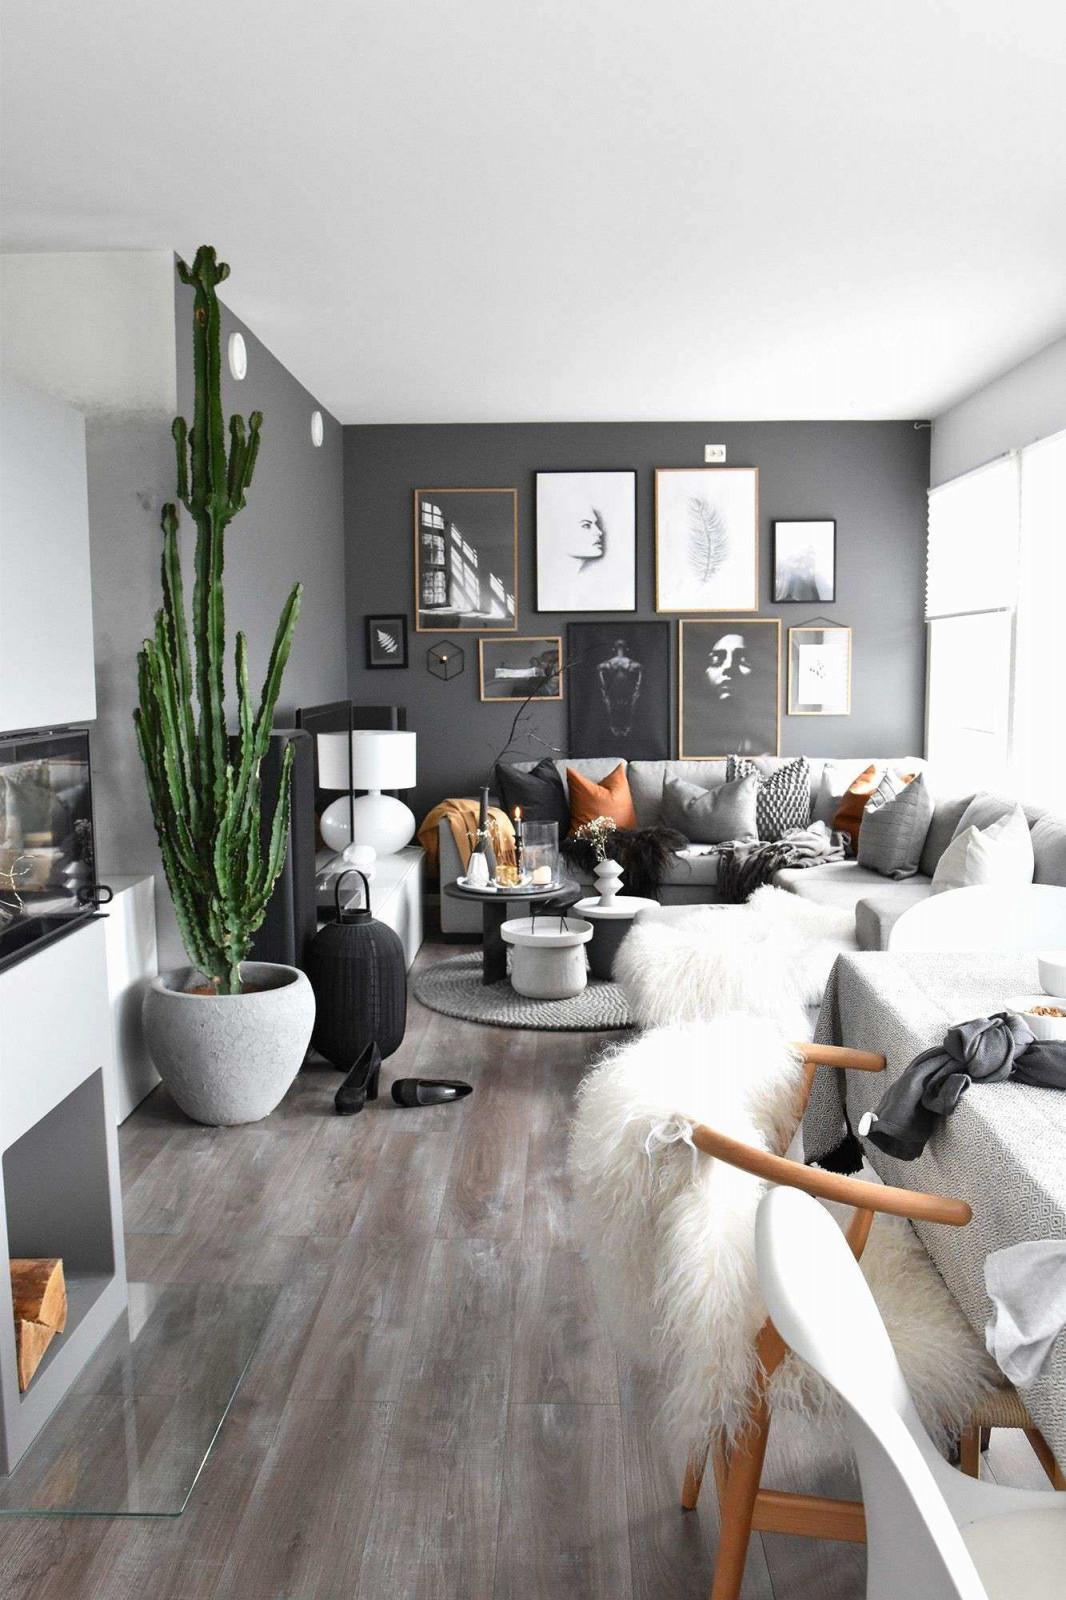 59 Genial Esszimmer Einrichten Ideen Einzigartig  Tolles von Wohnzimmer Und Esszimmer Ideen Bild